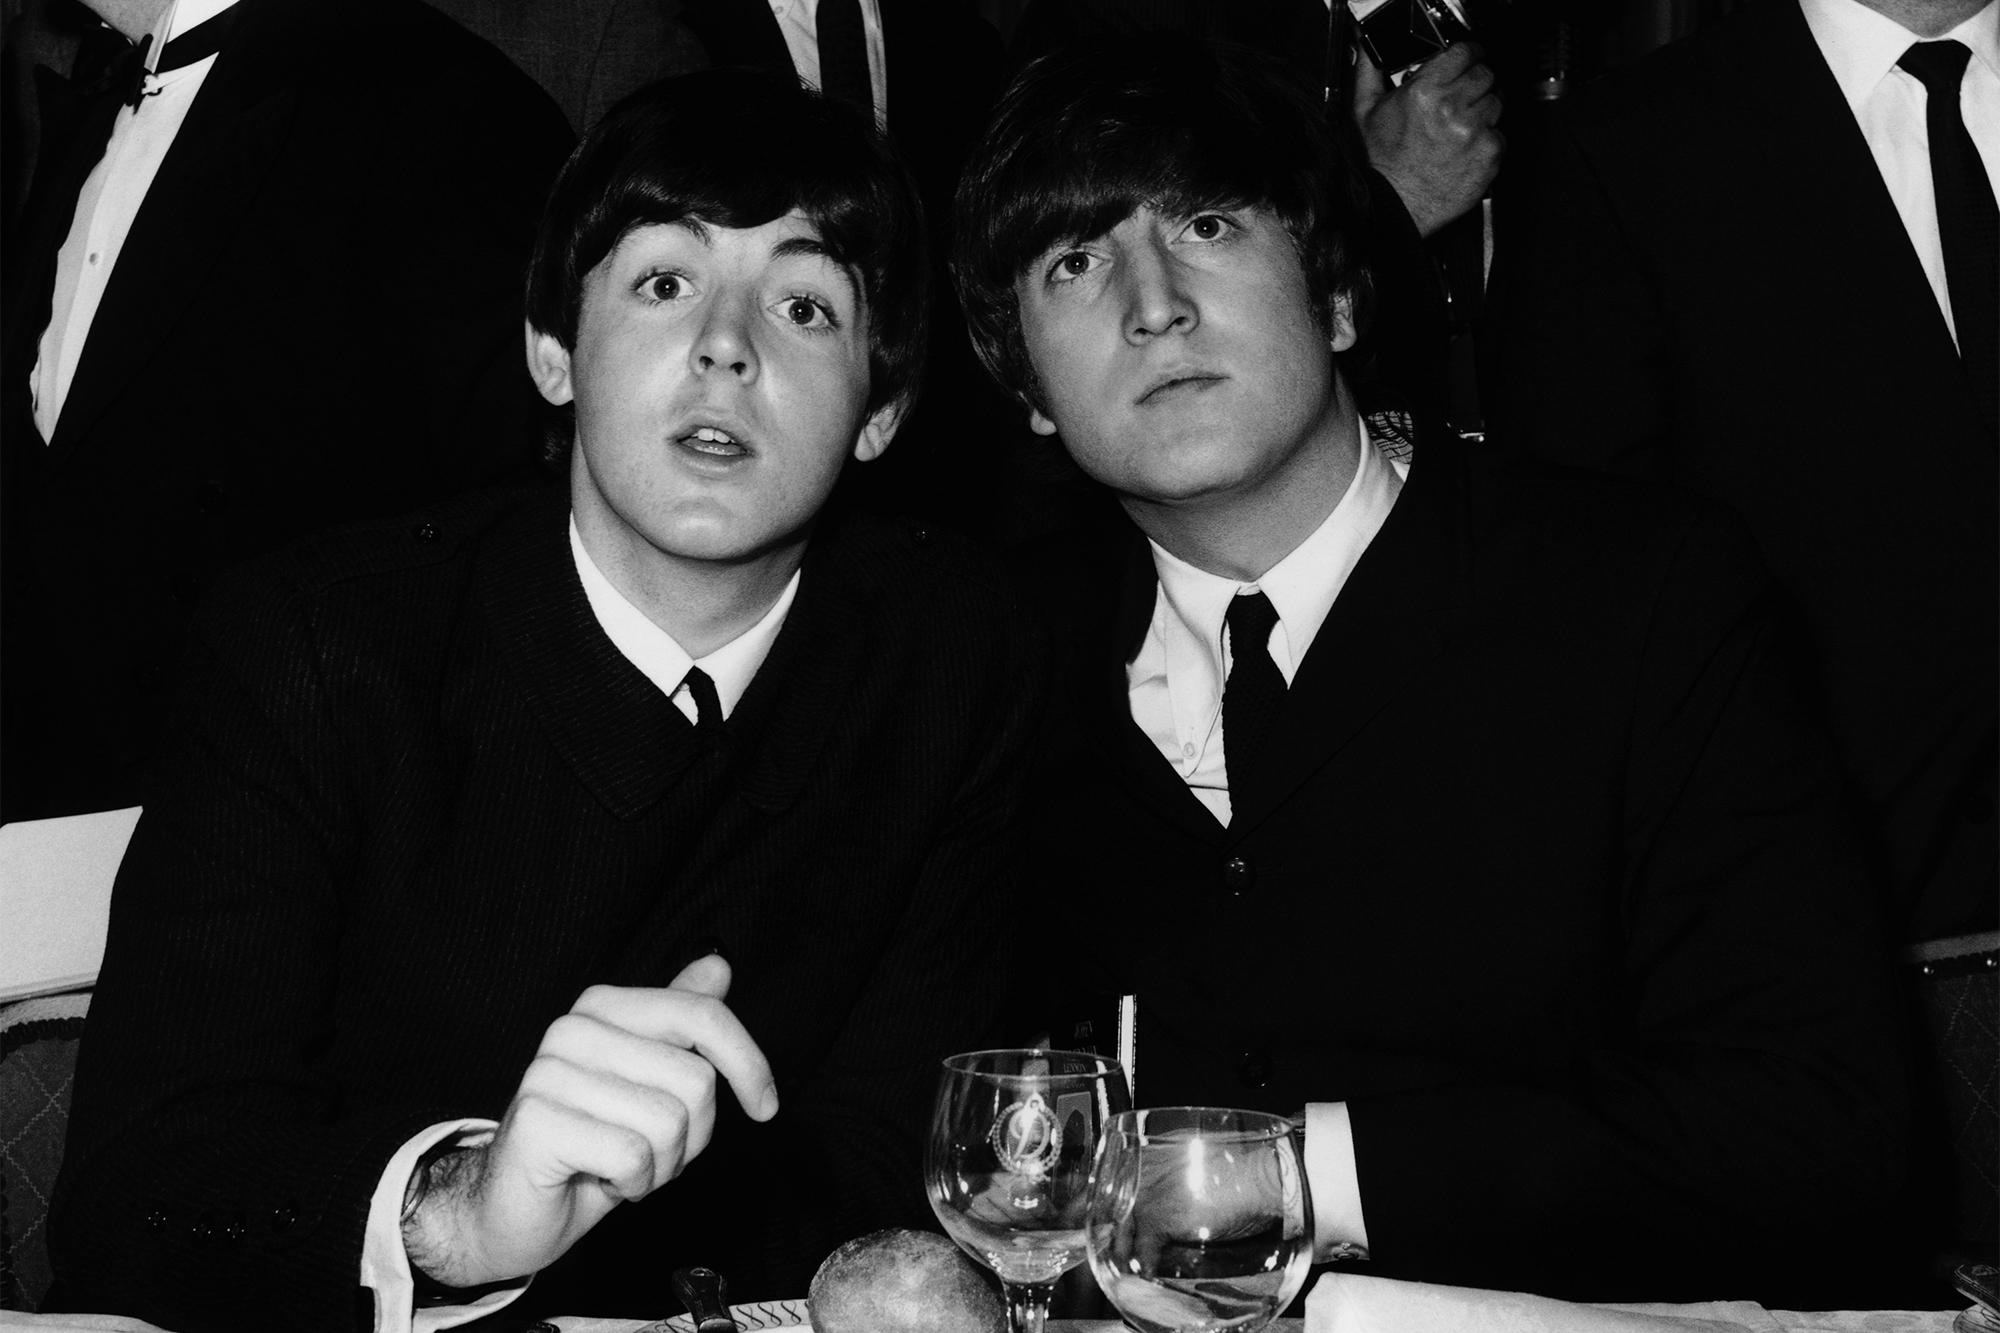 John Lennon responsible for Beatle breakup: Paul McCartney